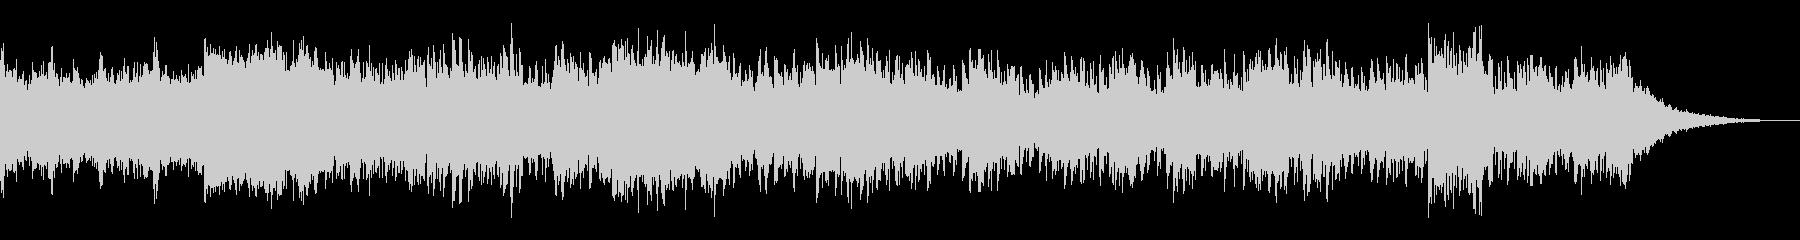 エレクトリックでノイジーなサウンドスケーの未再生の波形